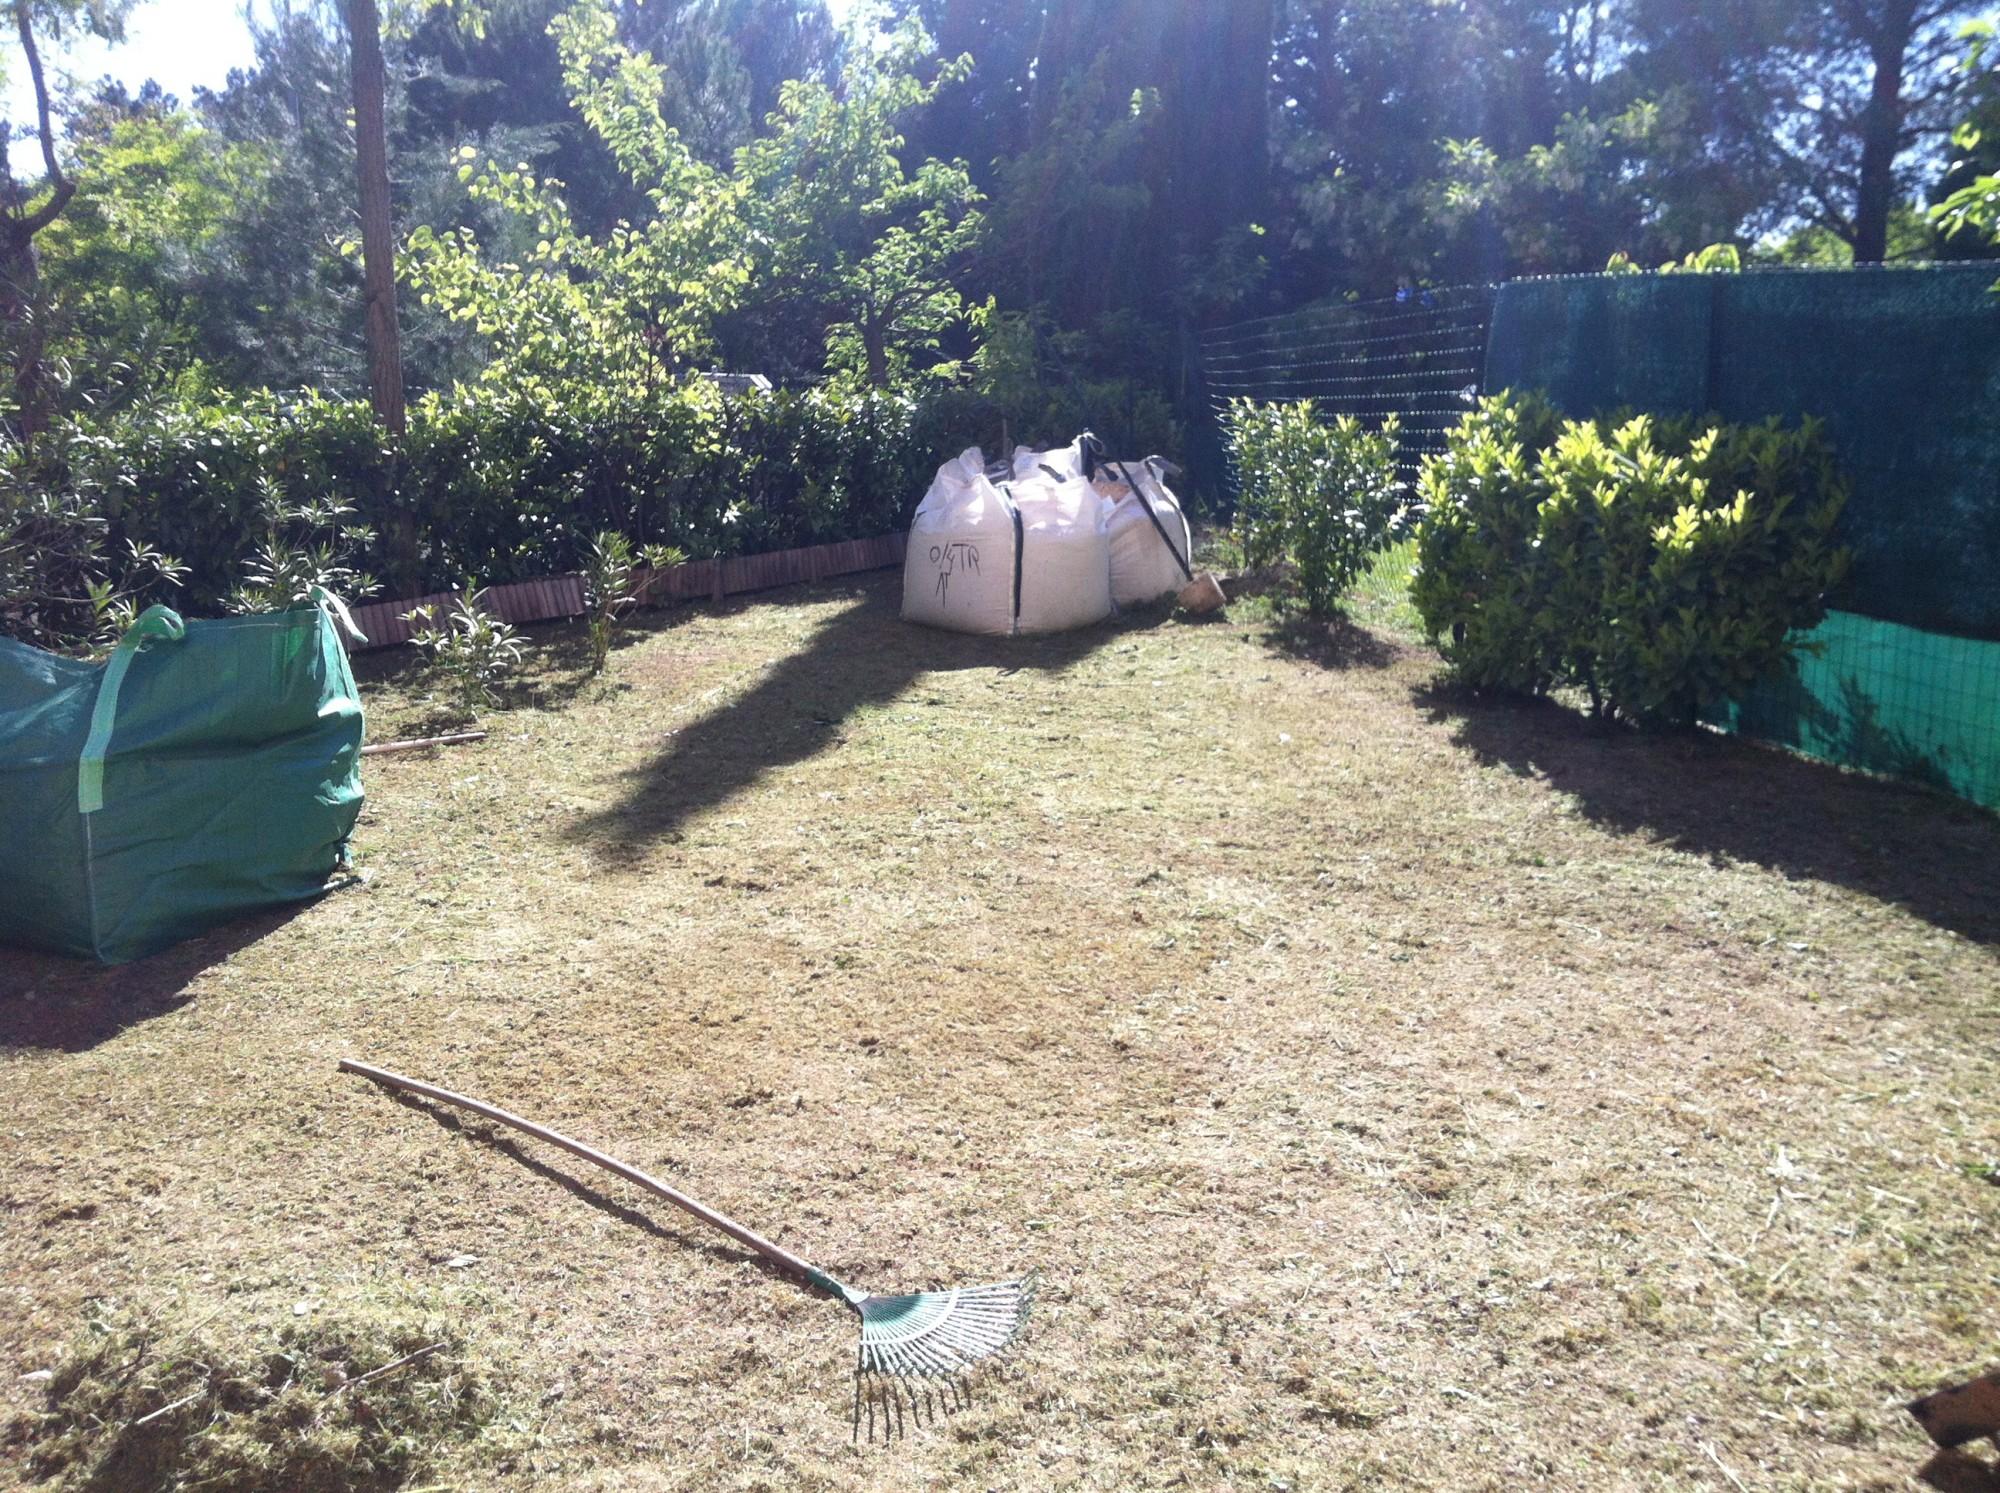 100 preparer terrain pour gazon en gazon synth tique pose entretien pe - Preparation sol pour gazon synthetique ...